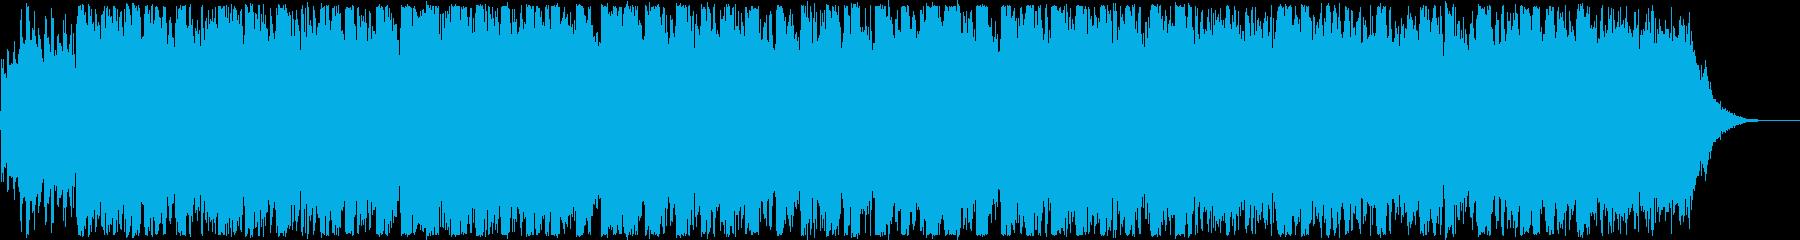 CM・おしゃれな洋楽EDMの再生済みの波形